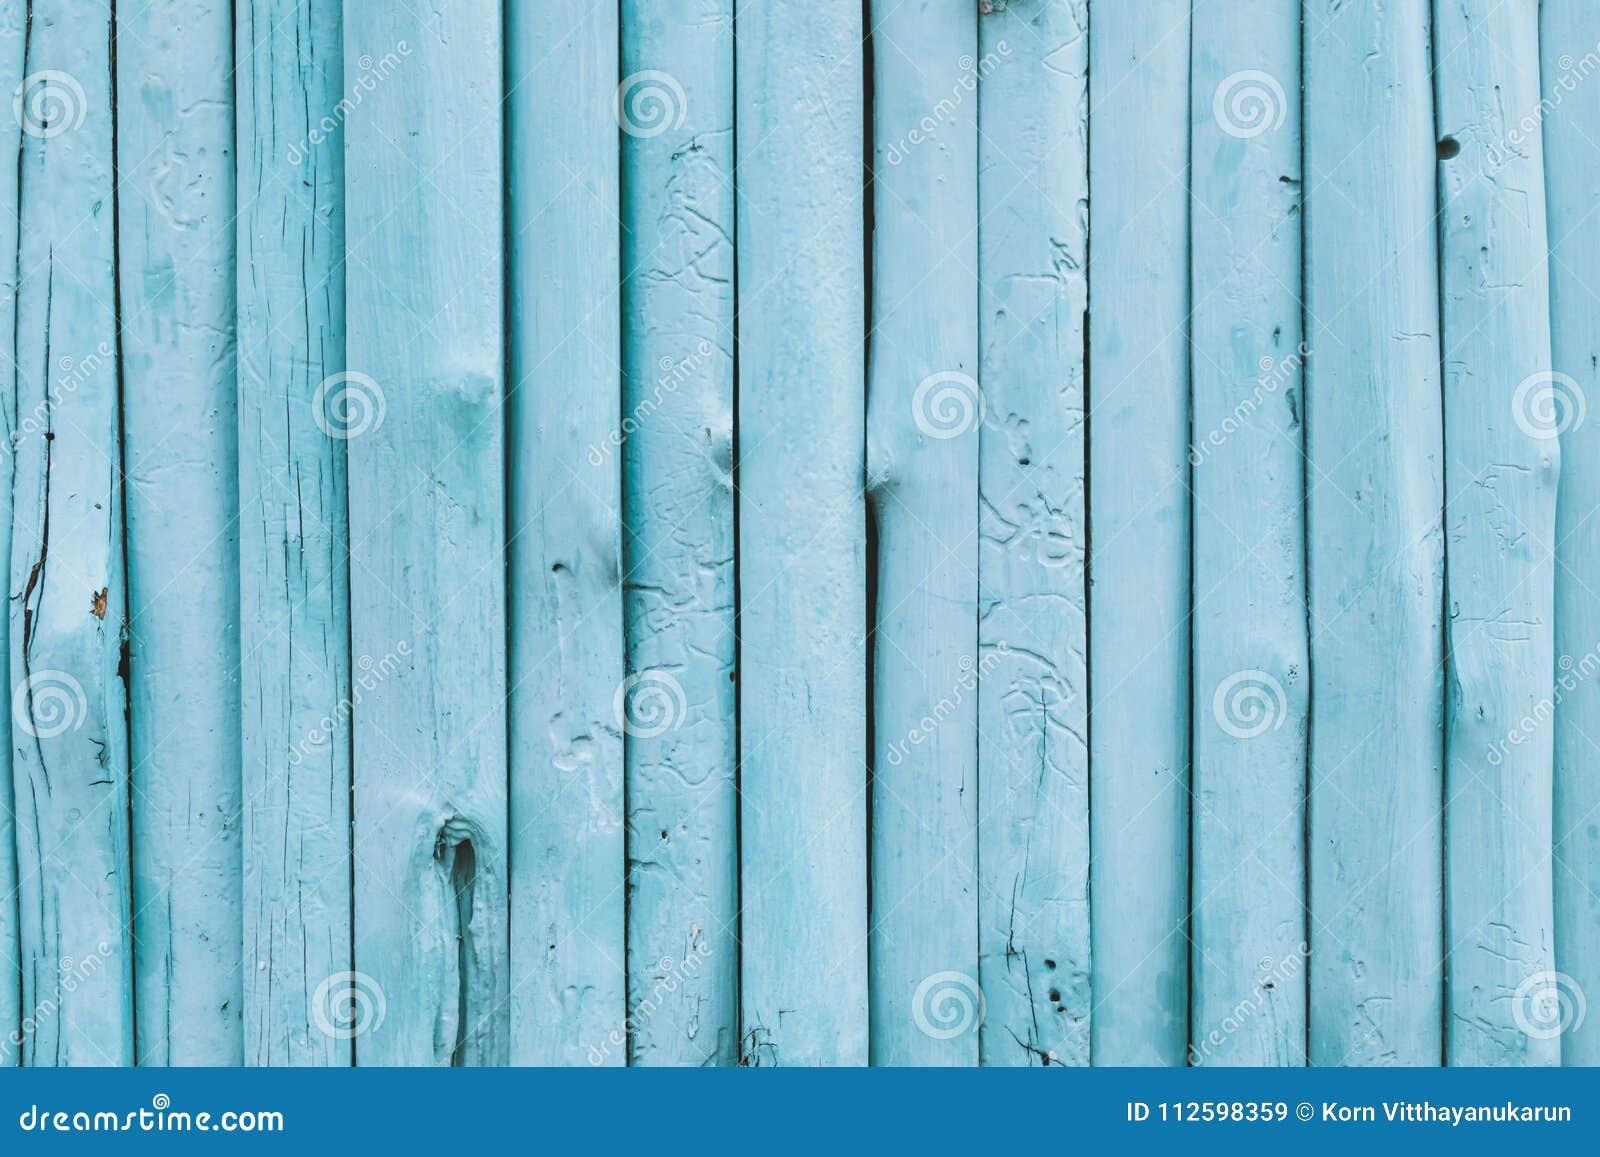 Μπλε ωκεάνιο ξύλινο υπόβαθρο χρώματος